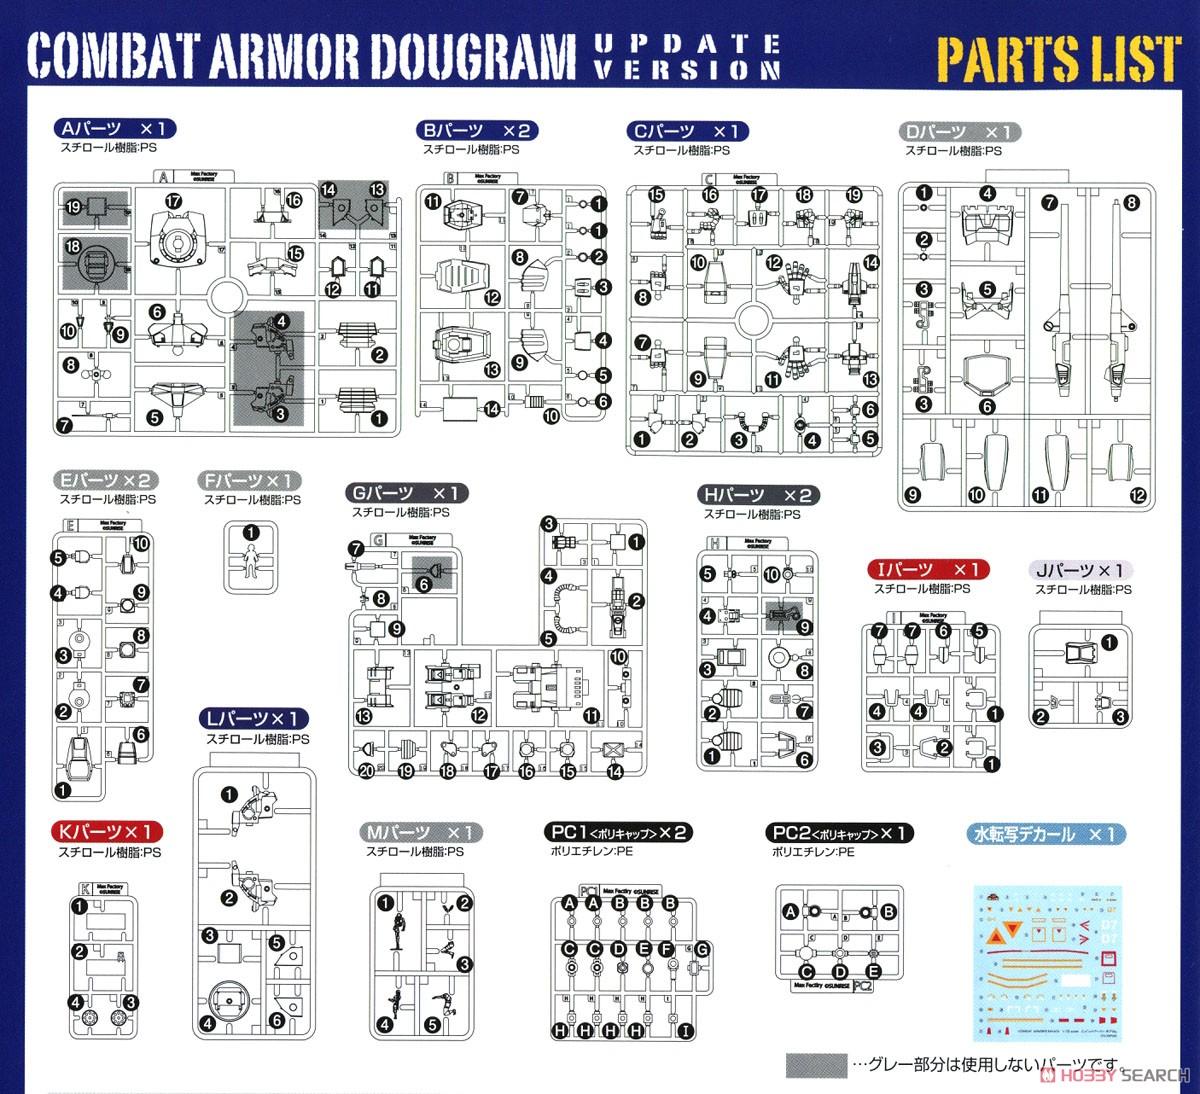 【再販】COMBAT ARMORS MAX22『コンバットアーマー ダグラム アップデートver.』1/72 プラモデル-022